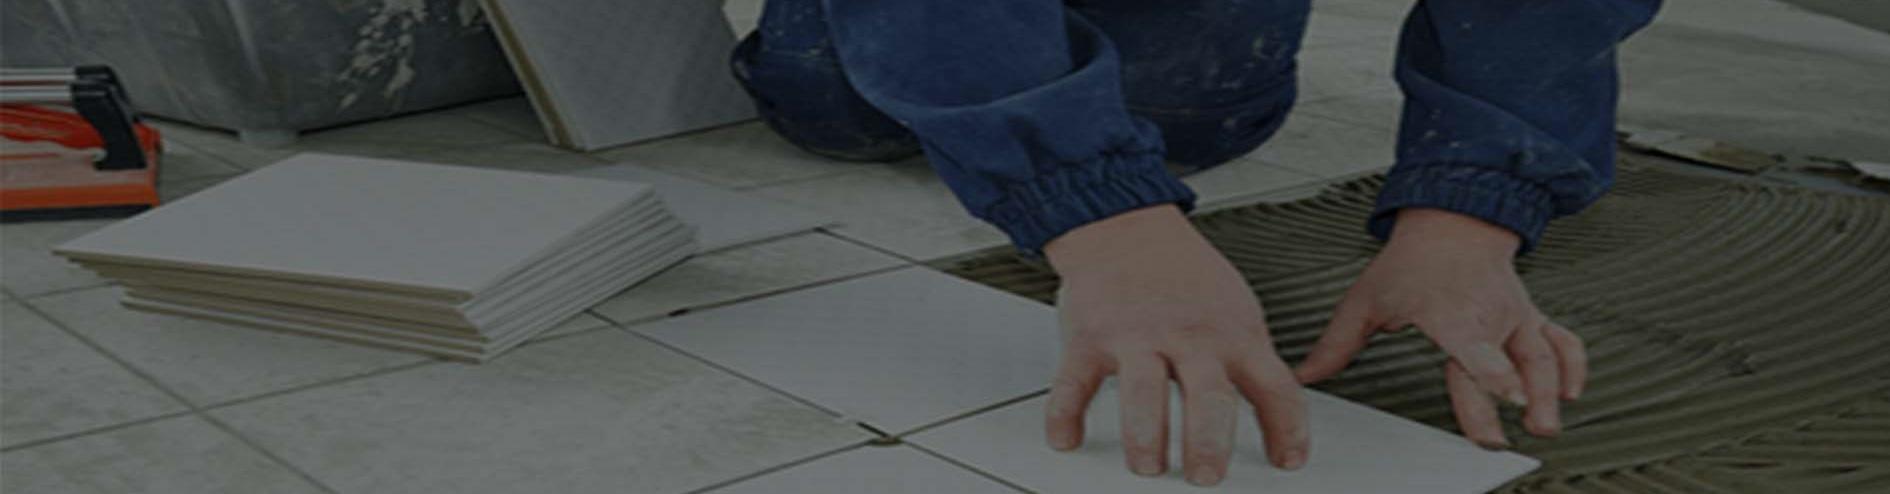 floor-tiling-work1